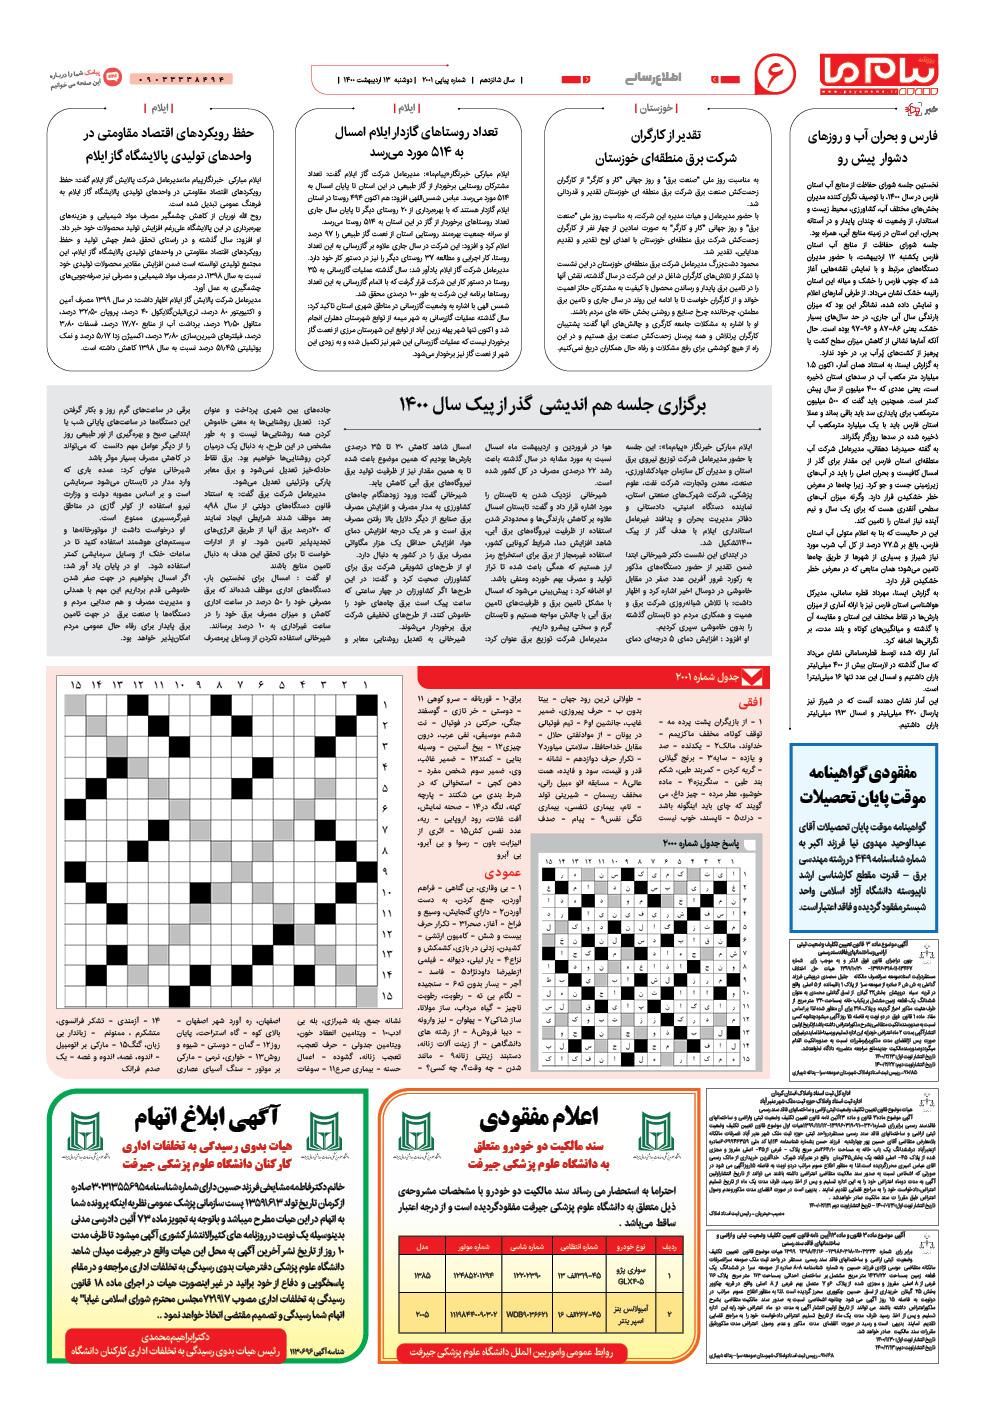 صفحه پیام ایران شماره ۲۰۰۱ روزنامه پیام ما